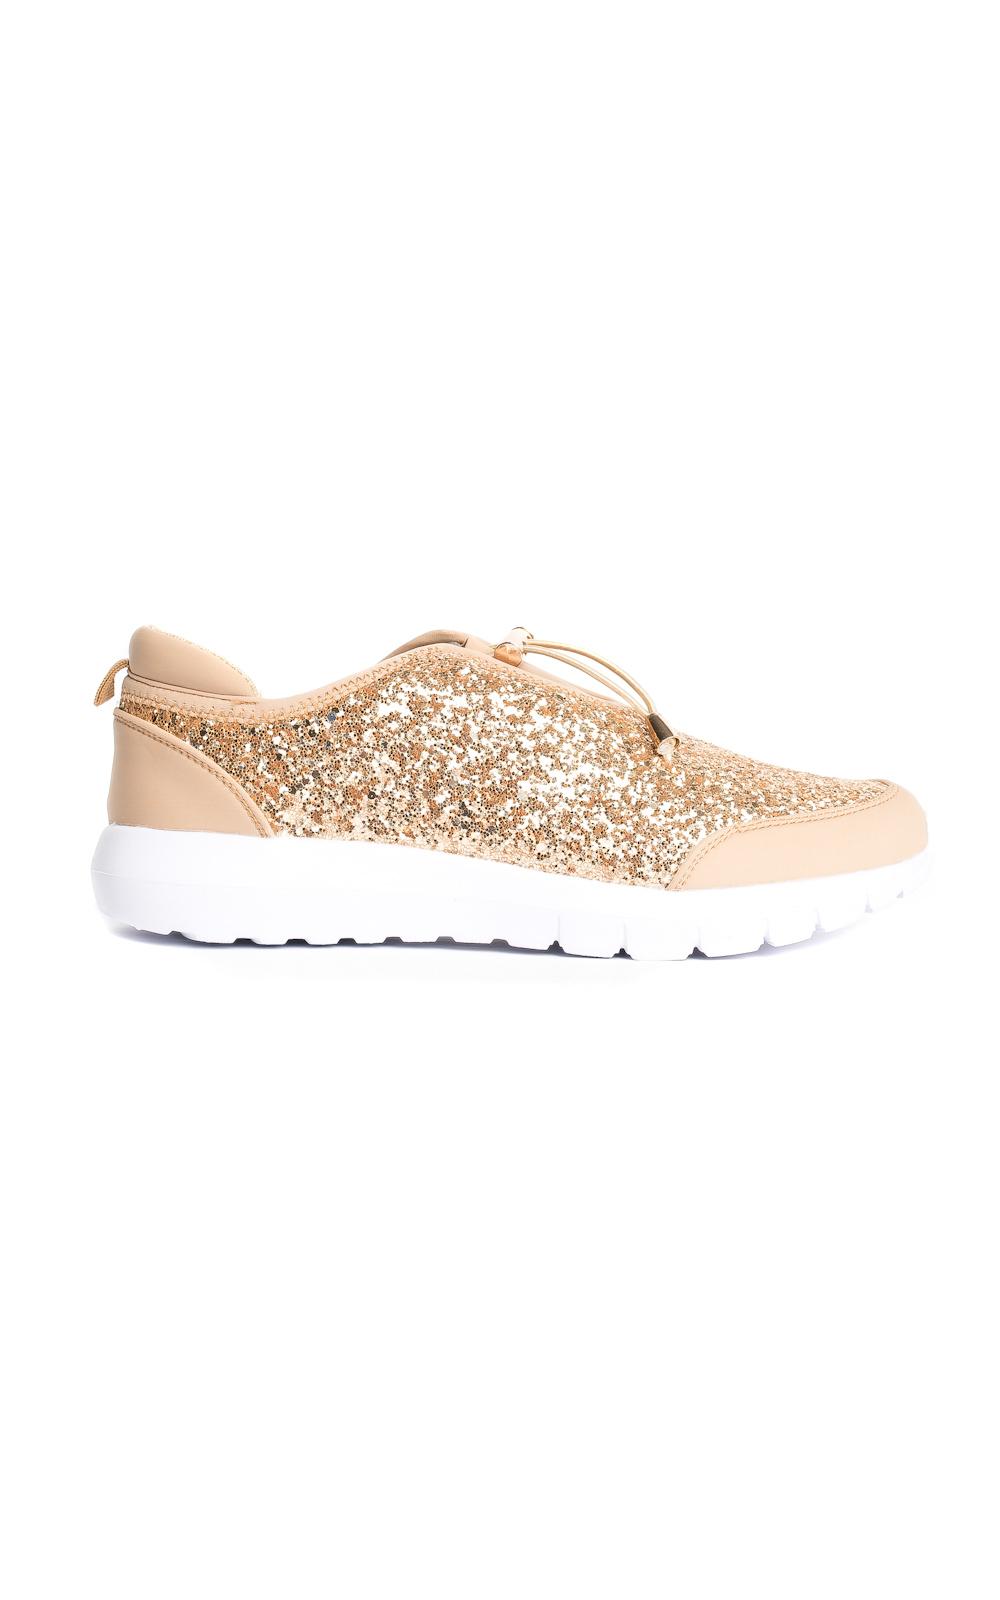 s stunning casual glitter sparkle slip on